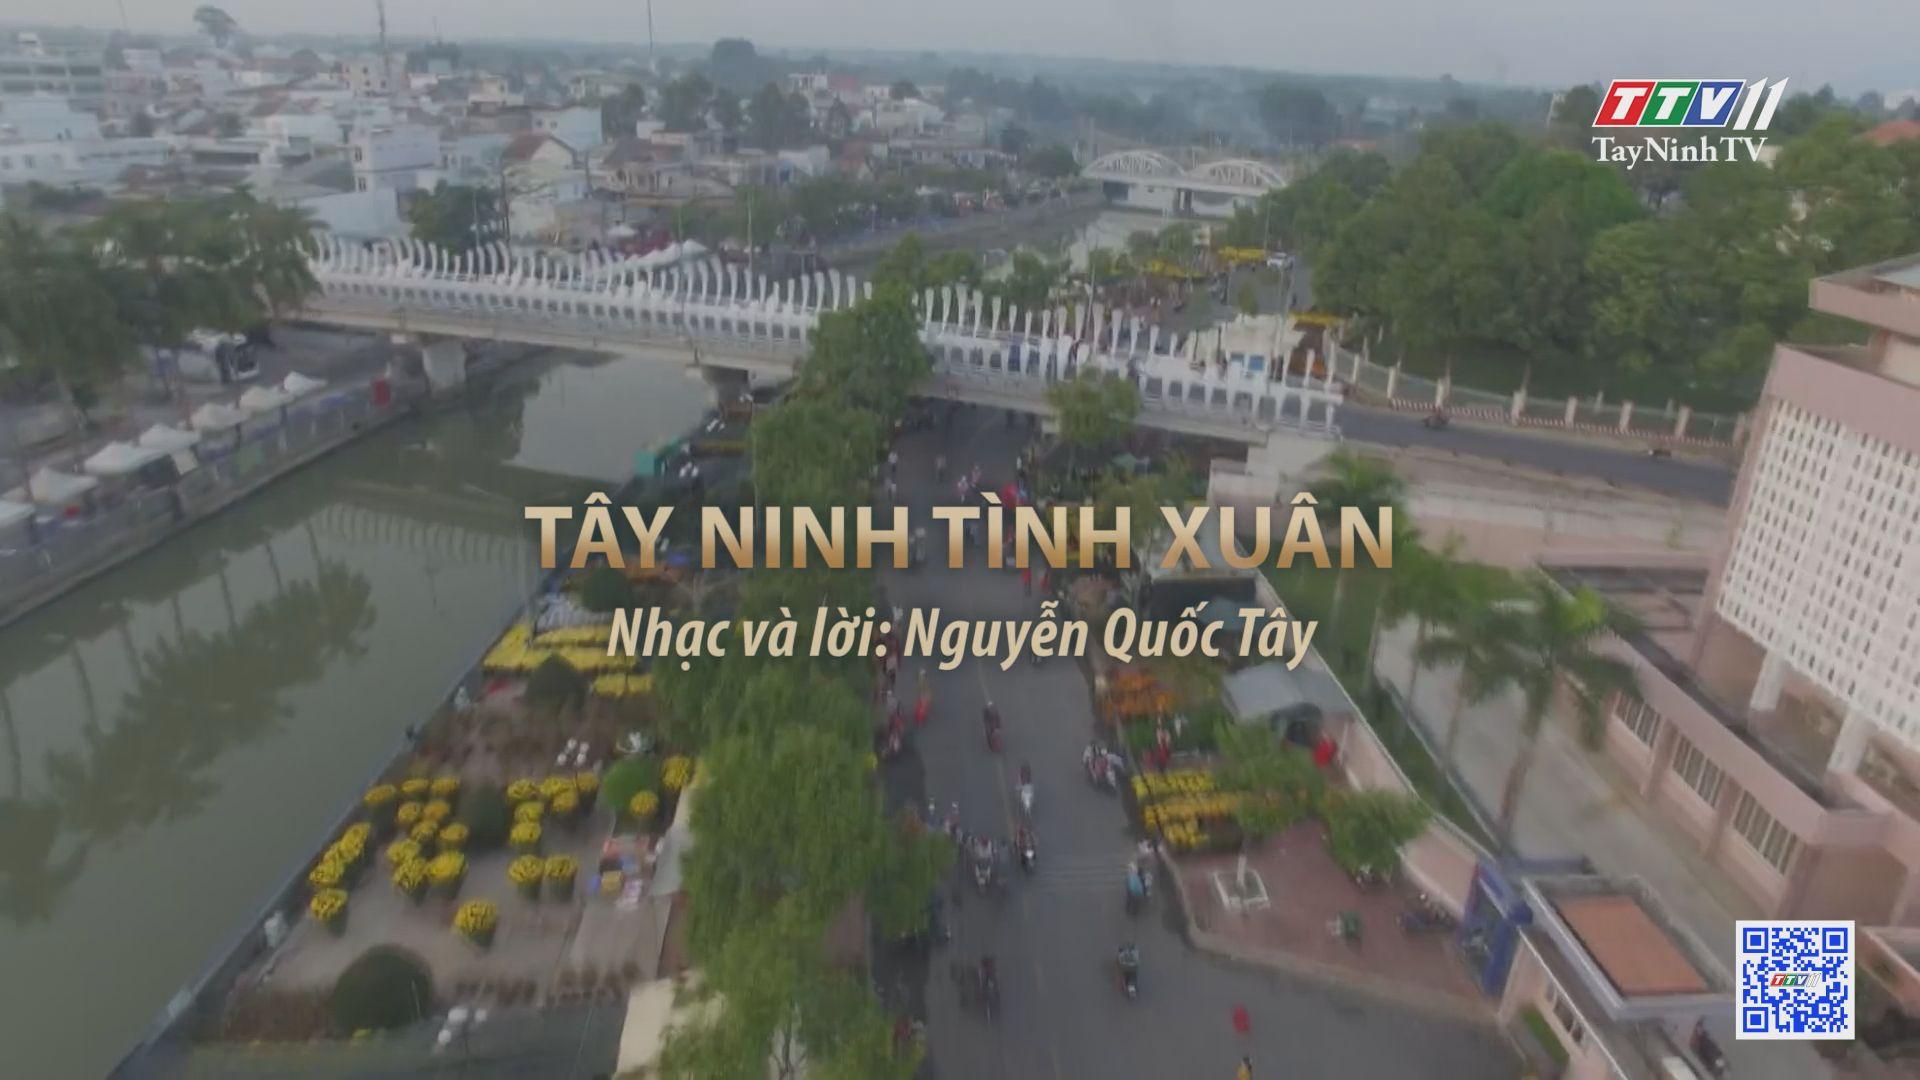 Tây Ninh tình xuân | Tuyển tập karaoke Tây Ninh tình yêu trong tôi | TayNinhTV